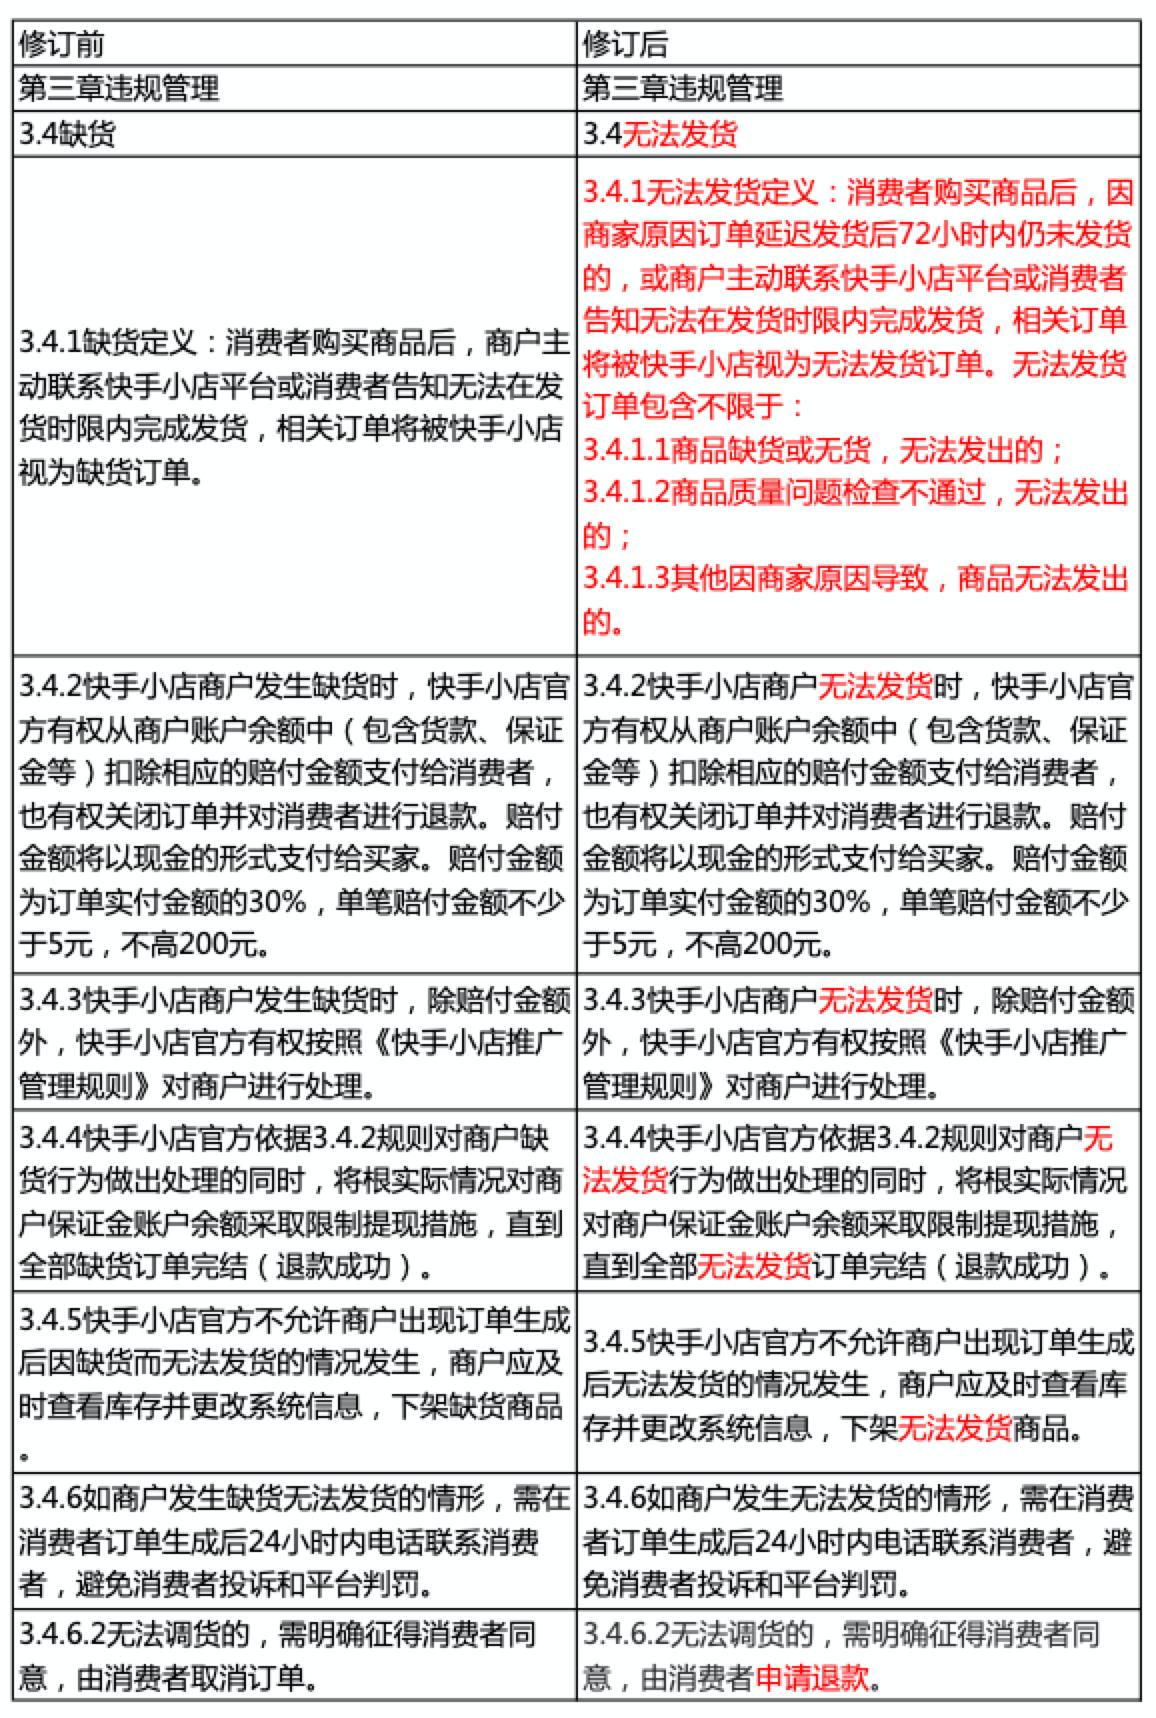 《快手小店发货管理规则》修订公告